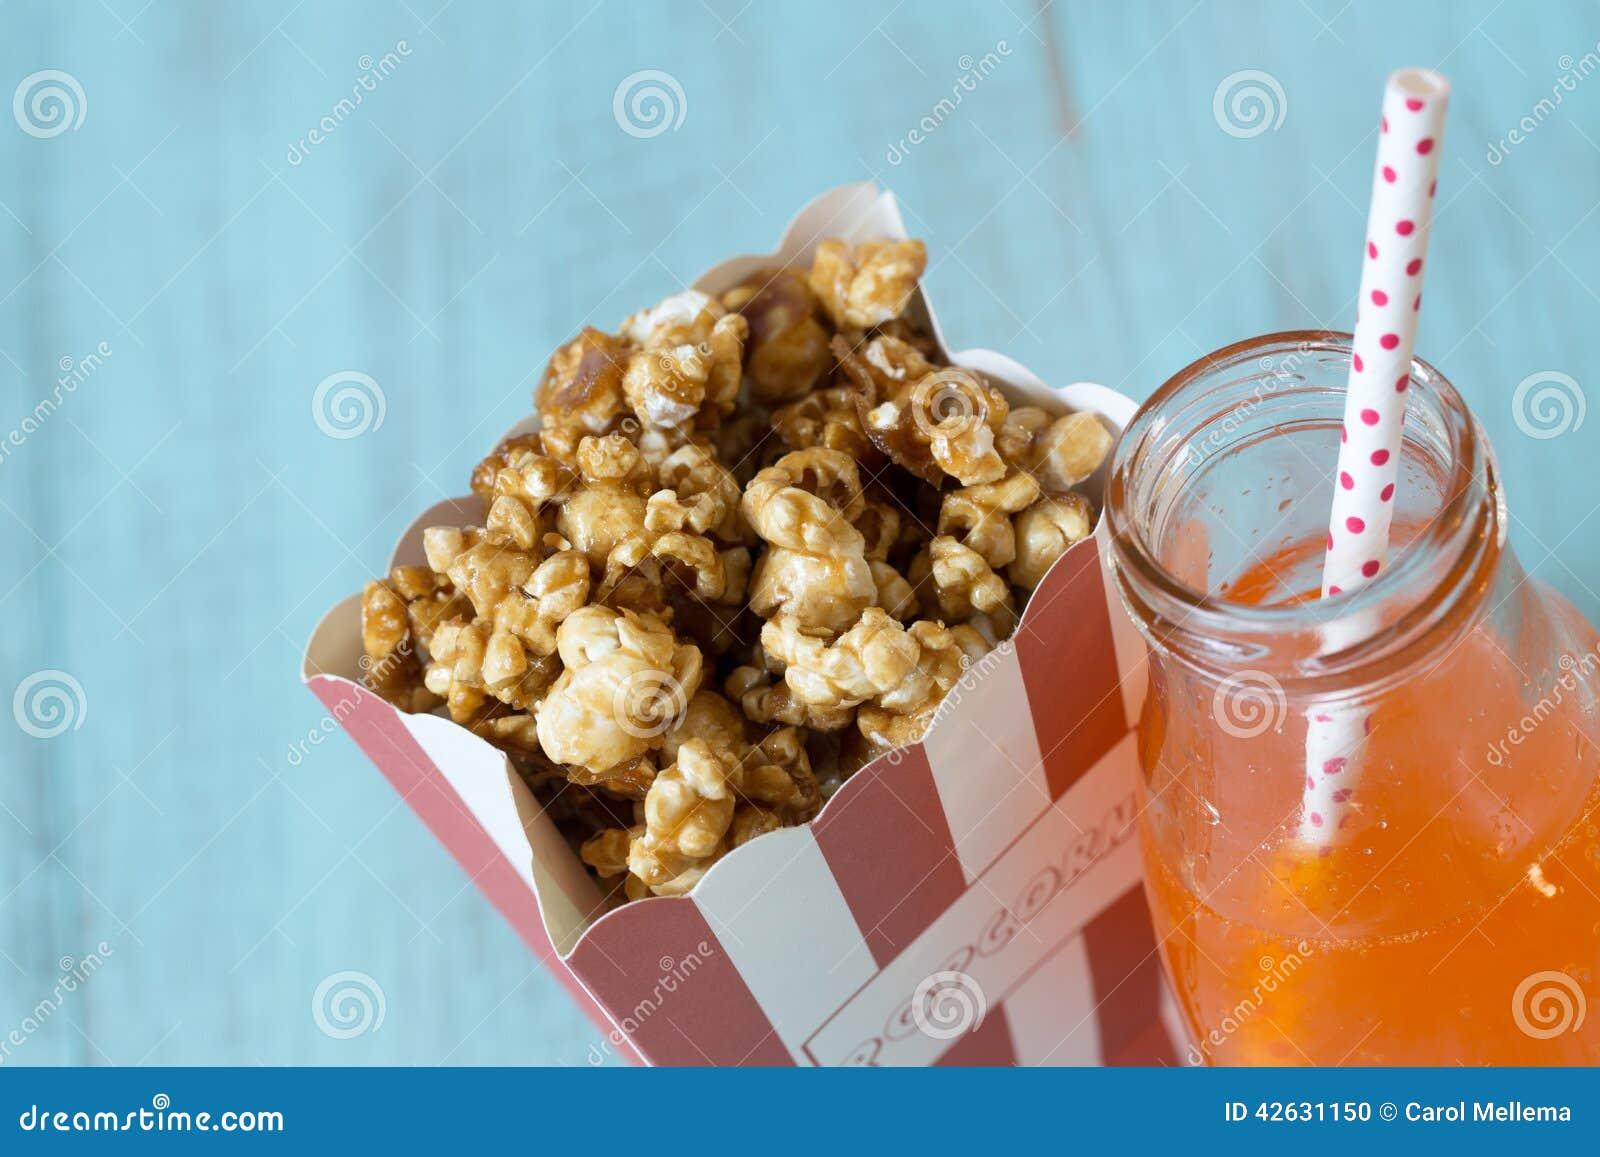 Maïs éclaté de caramel et soda orange